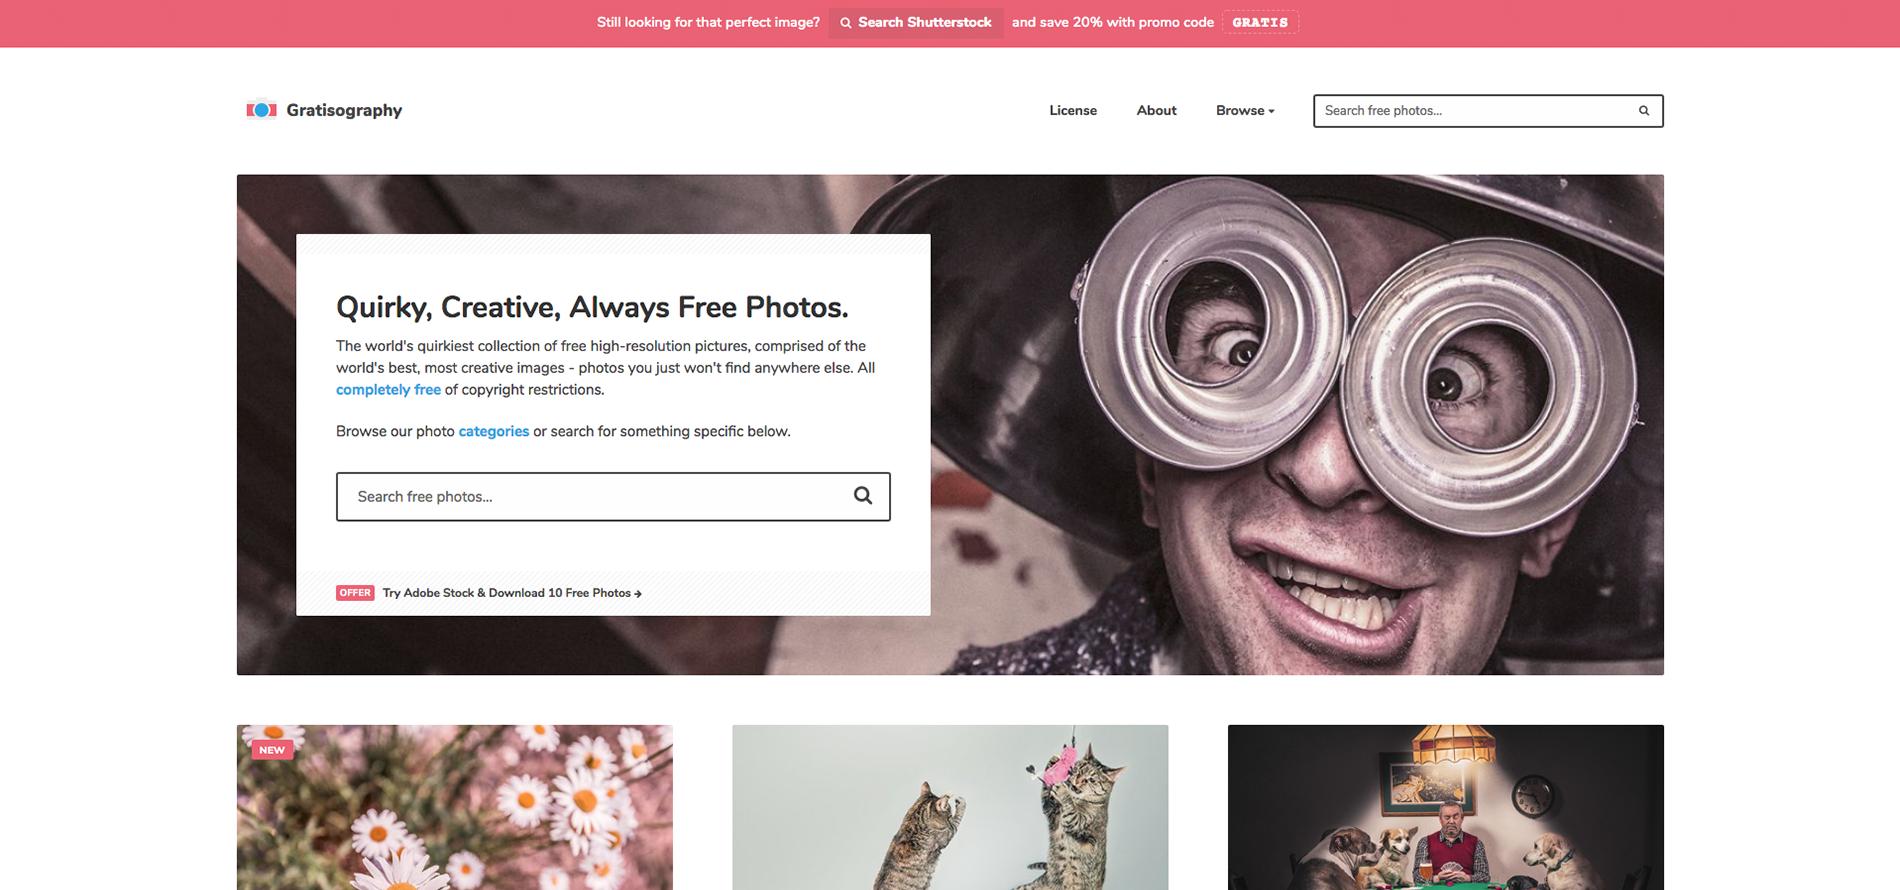 gratisography, bancos de imagens, melhores bancos de imagens, imagens